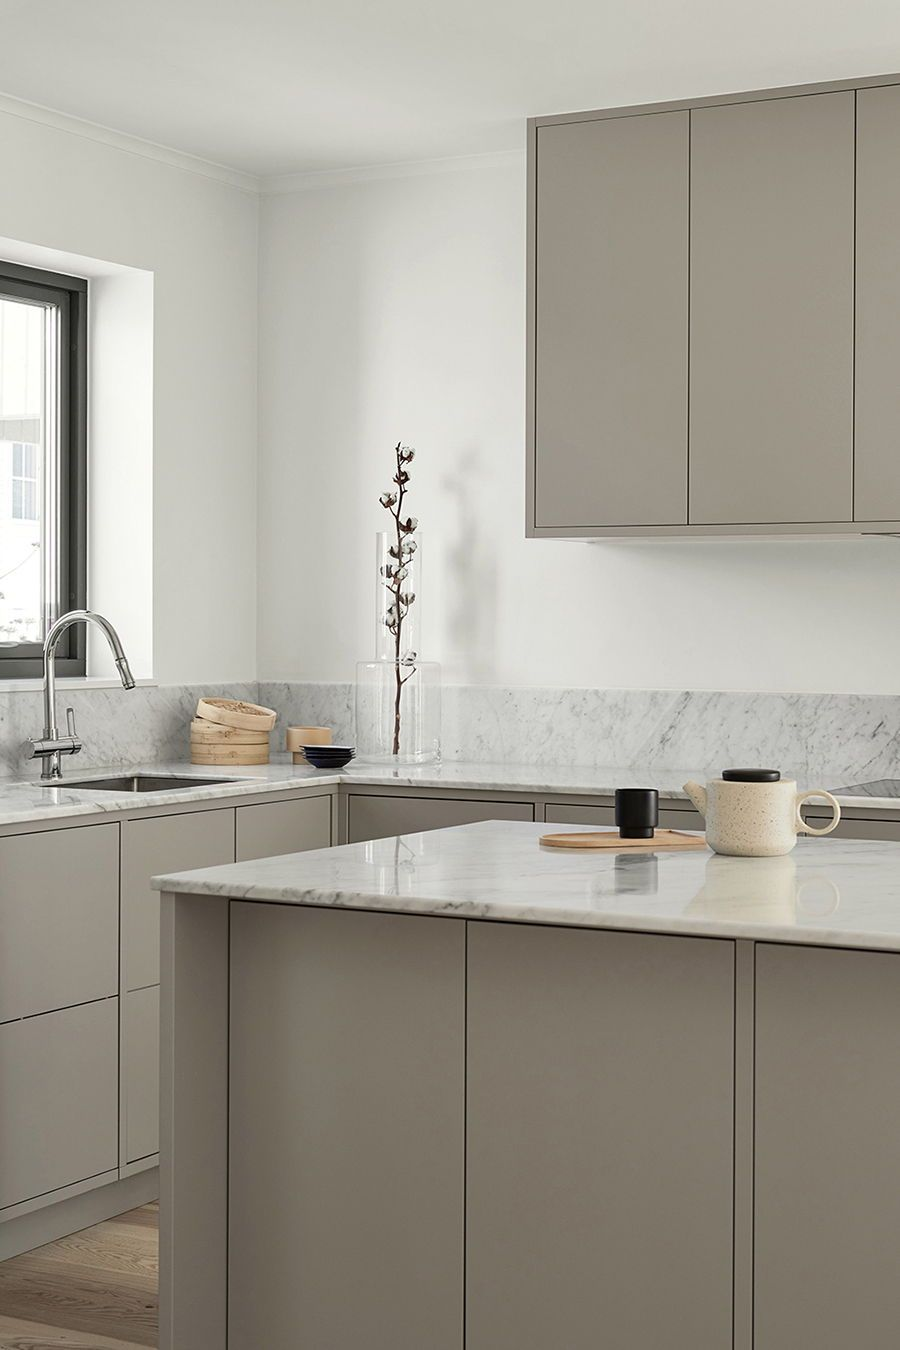 Best Kitchen Design Of The Year 2020 In 2020 Kitchen Interior Kitchen Design Minimalist Kitchen Design